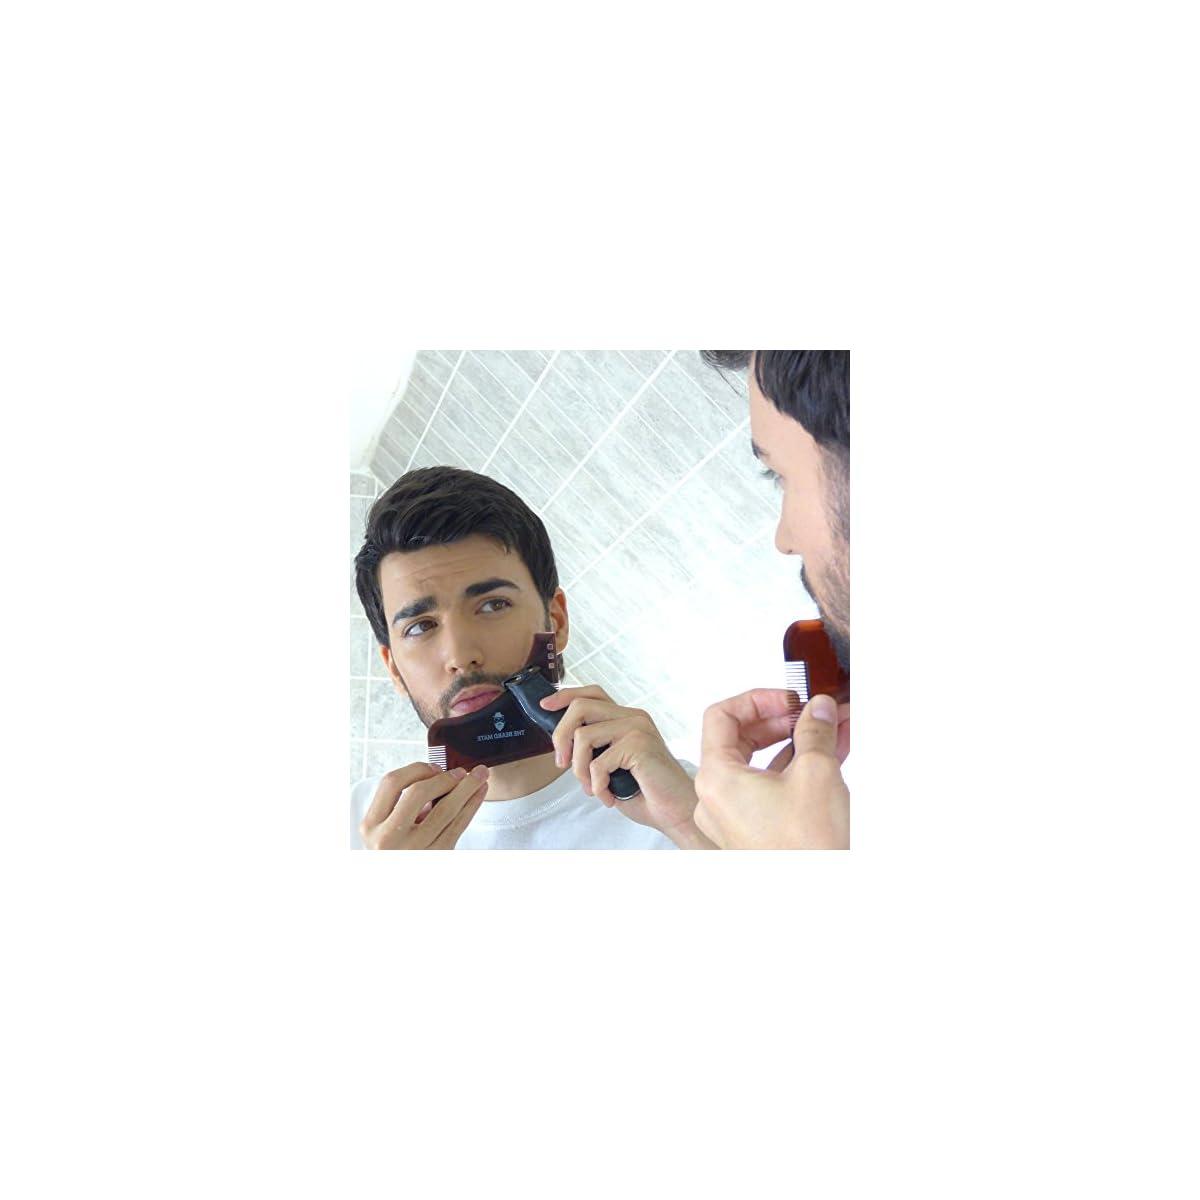 beard shaping tool secret santa